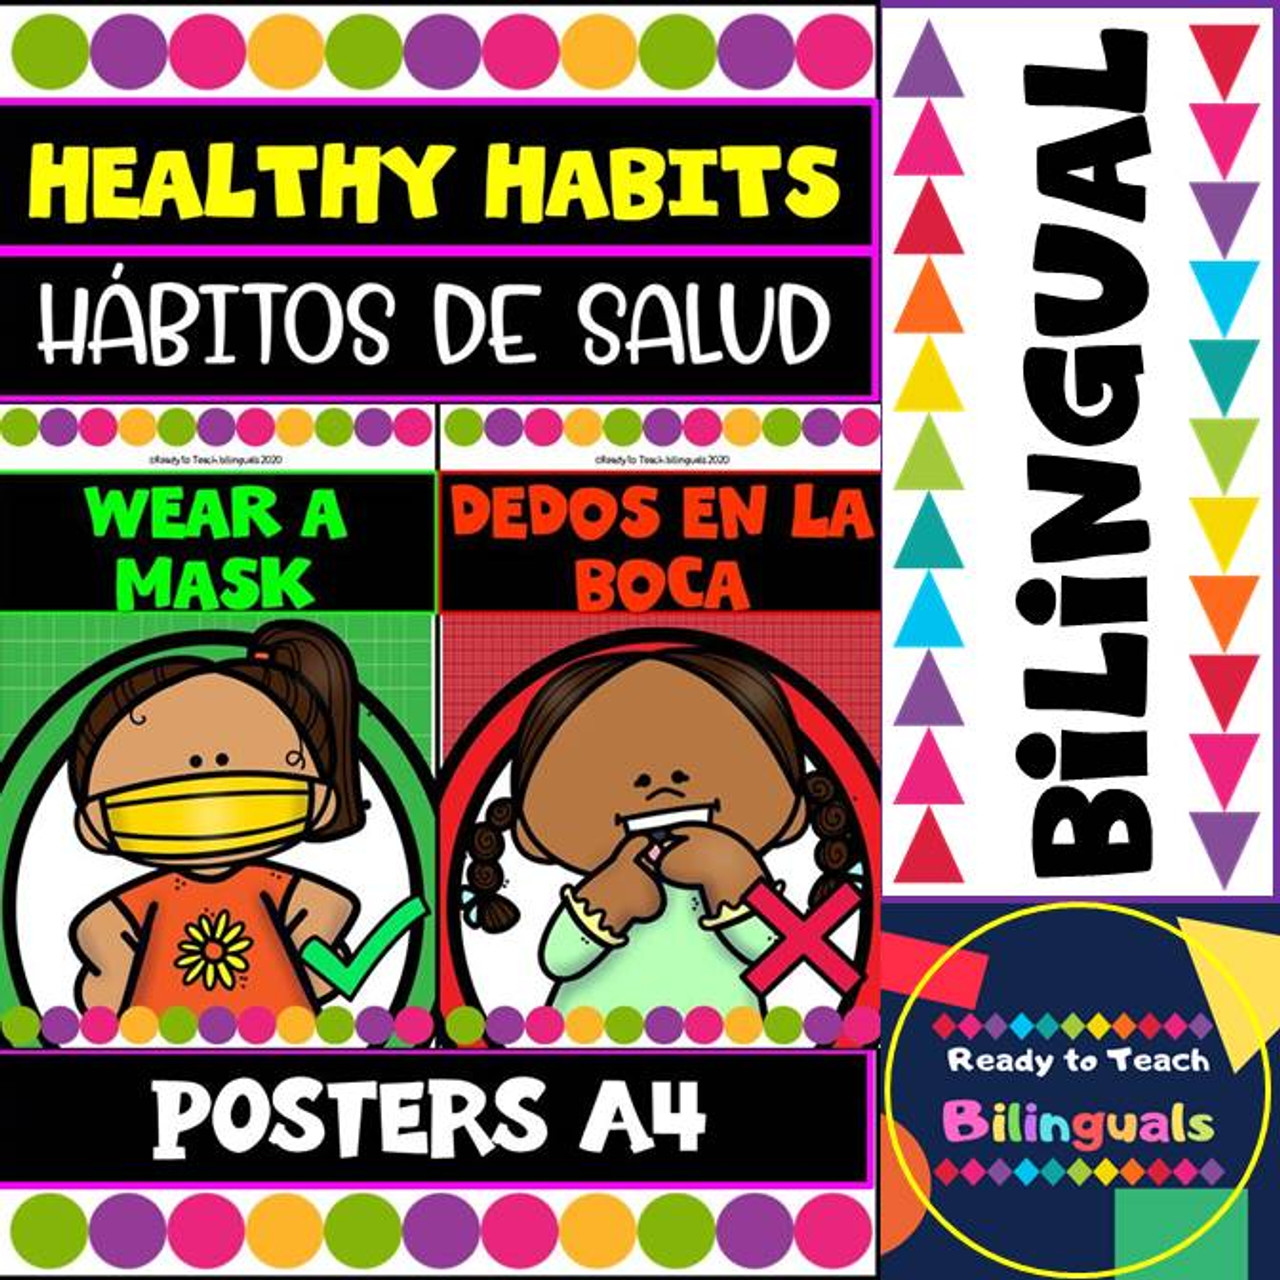 Healthy Habits (Hábitos de Salud) Posters